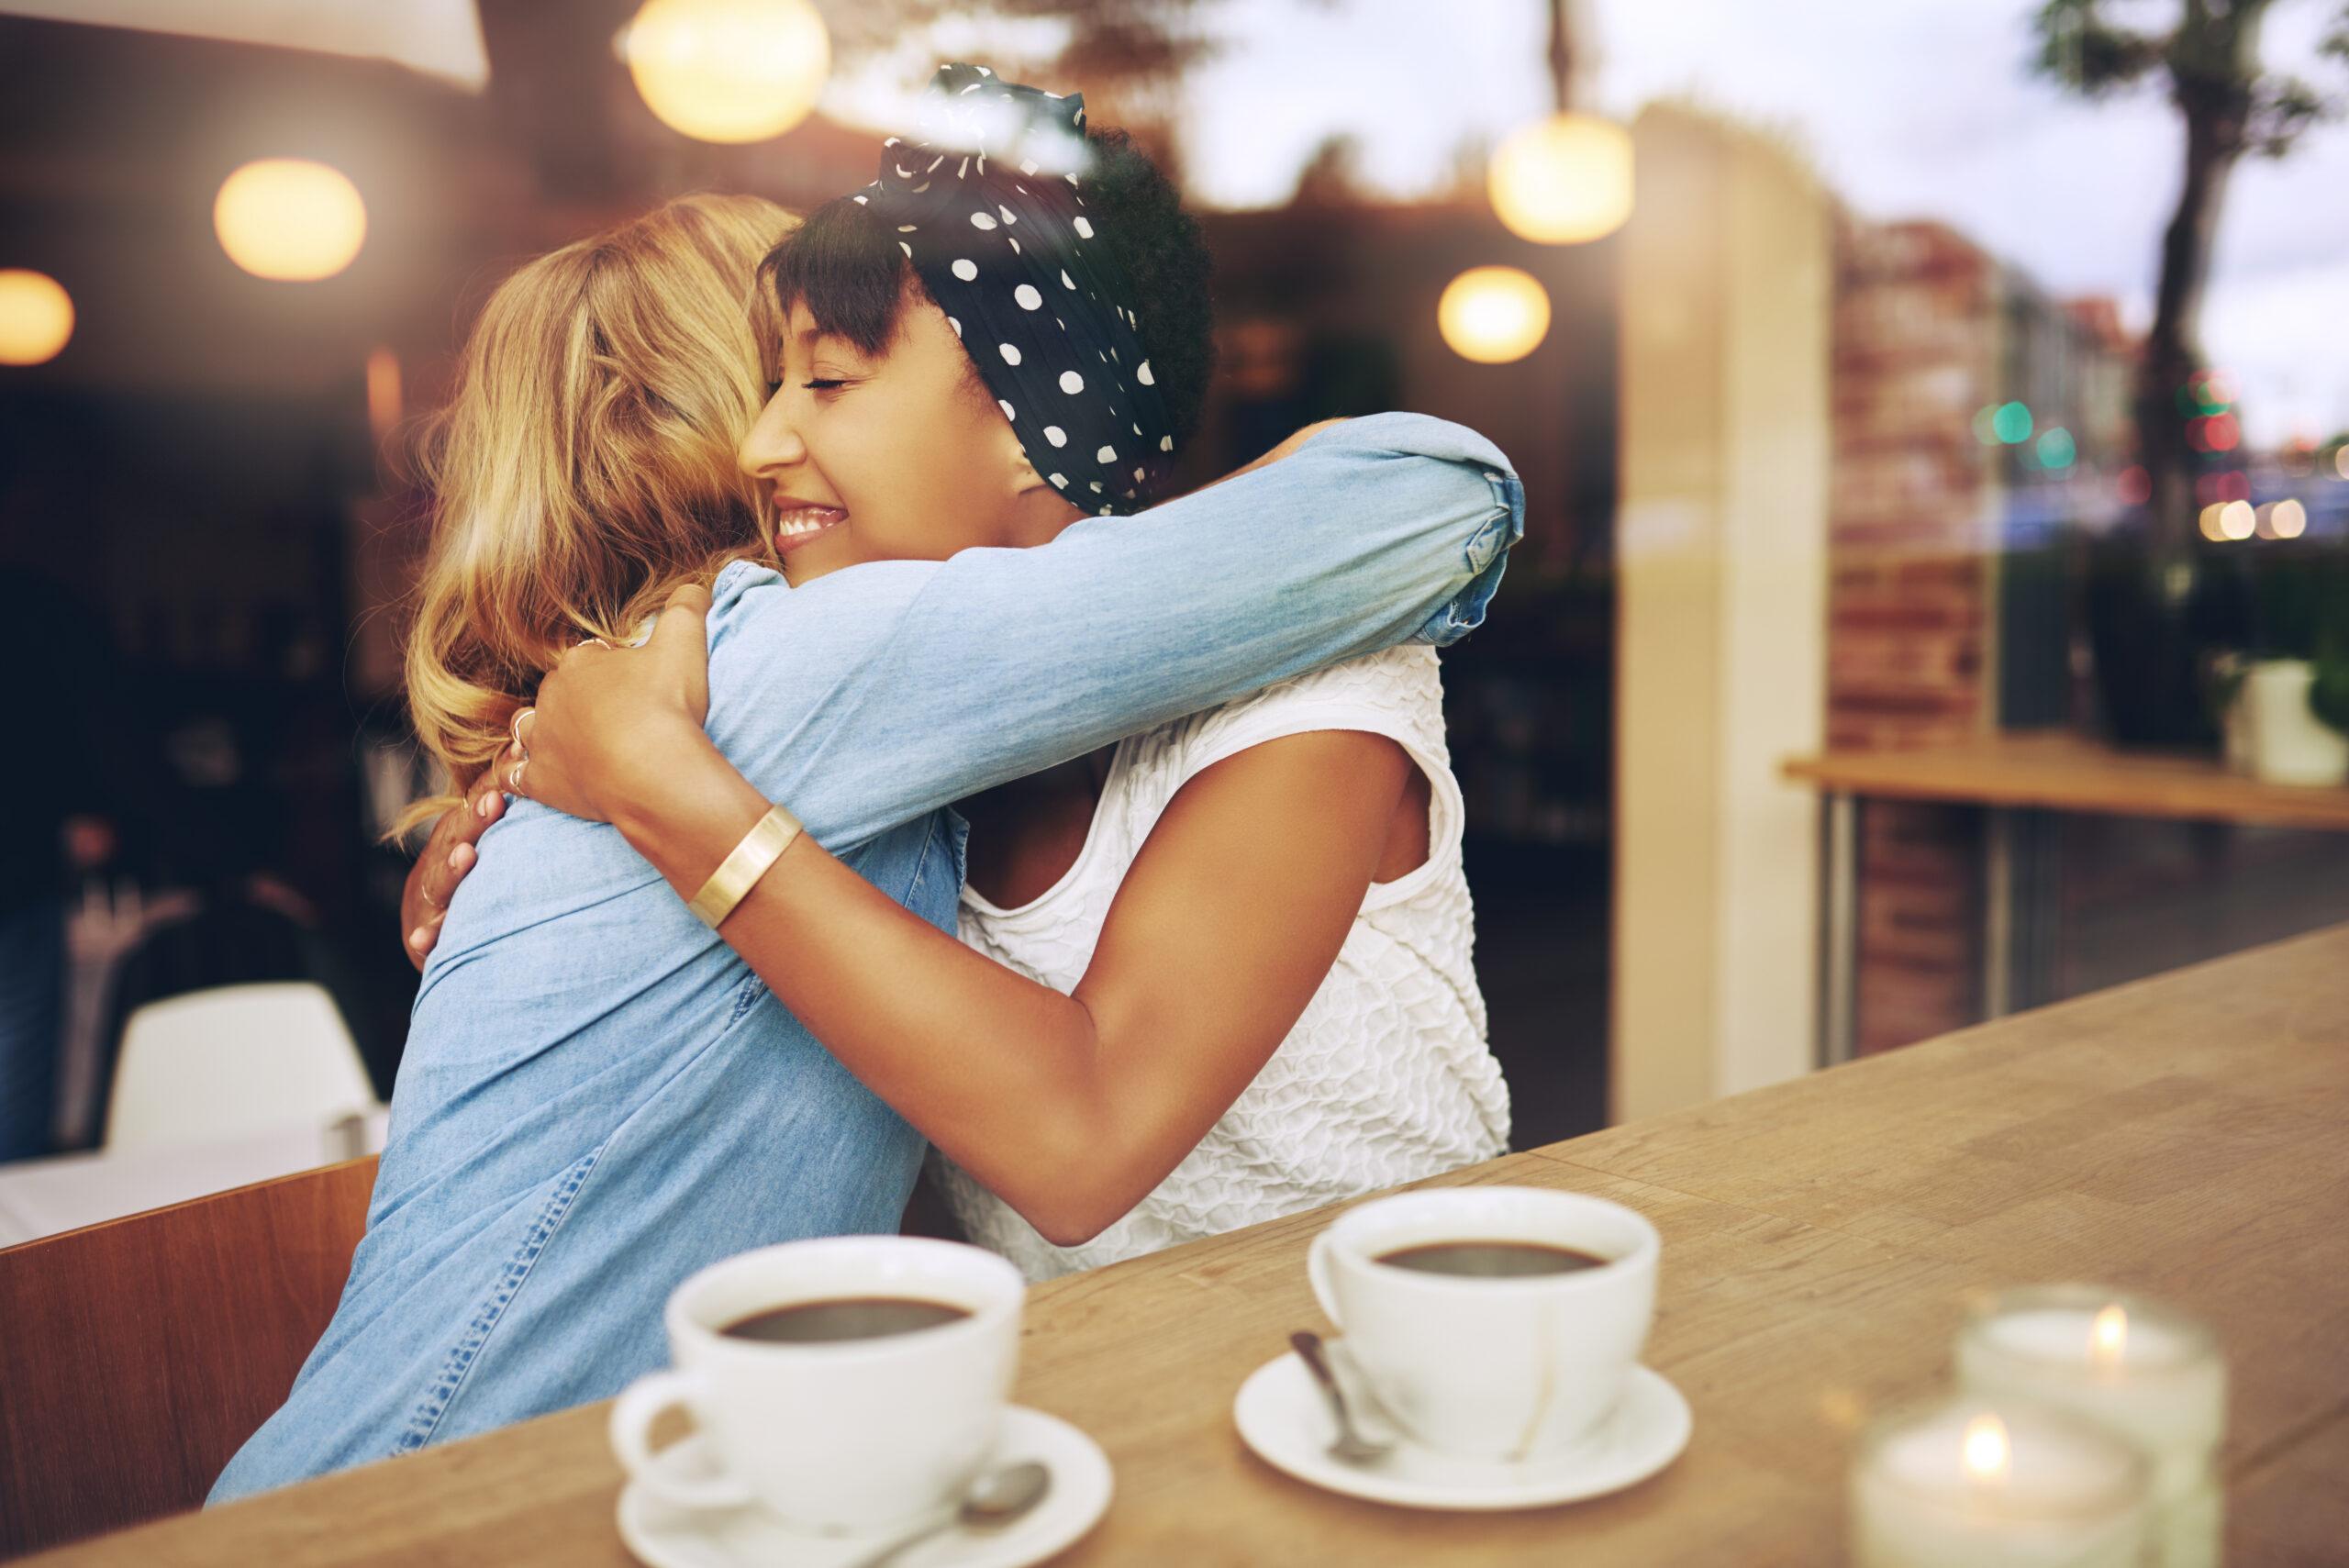 Wellbeing - hug